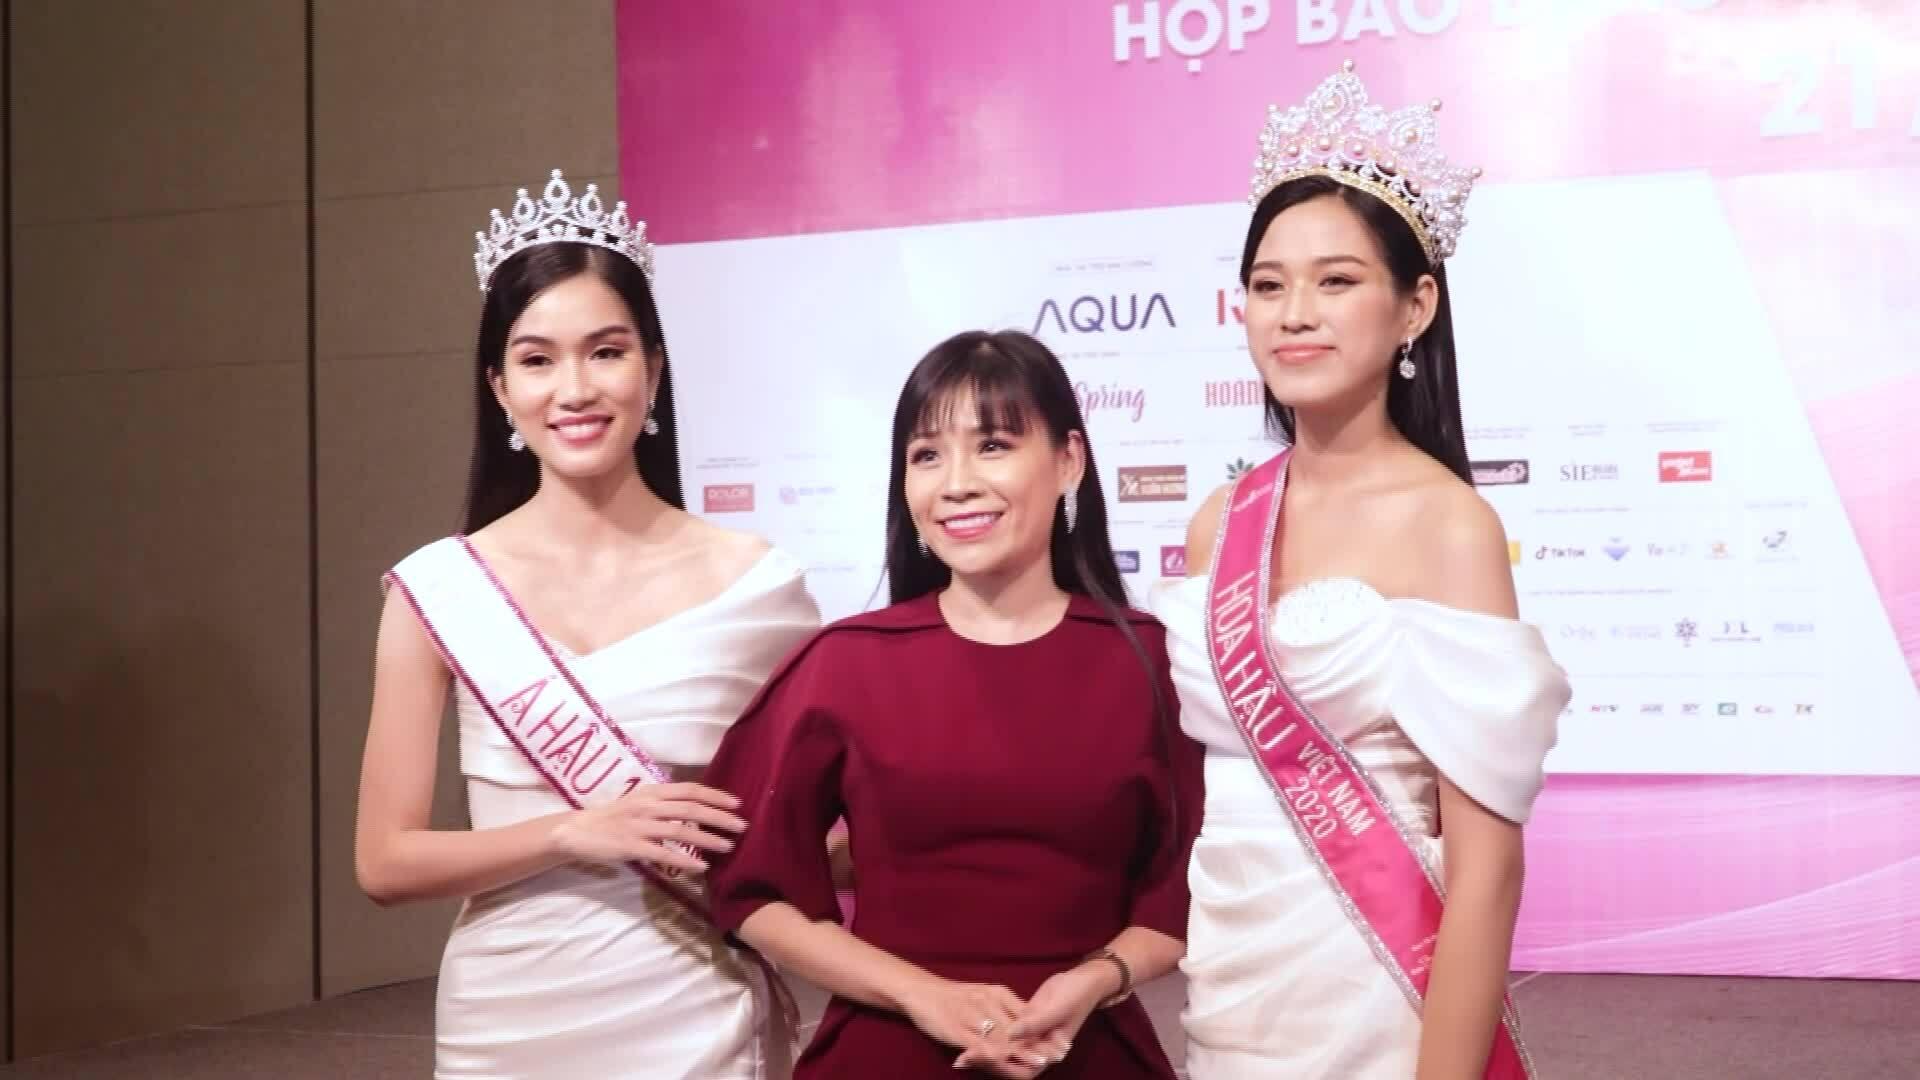 Hoa hậu Đỗ Thị Hà: 'Tôi chưa hoàn hảo'